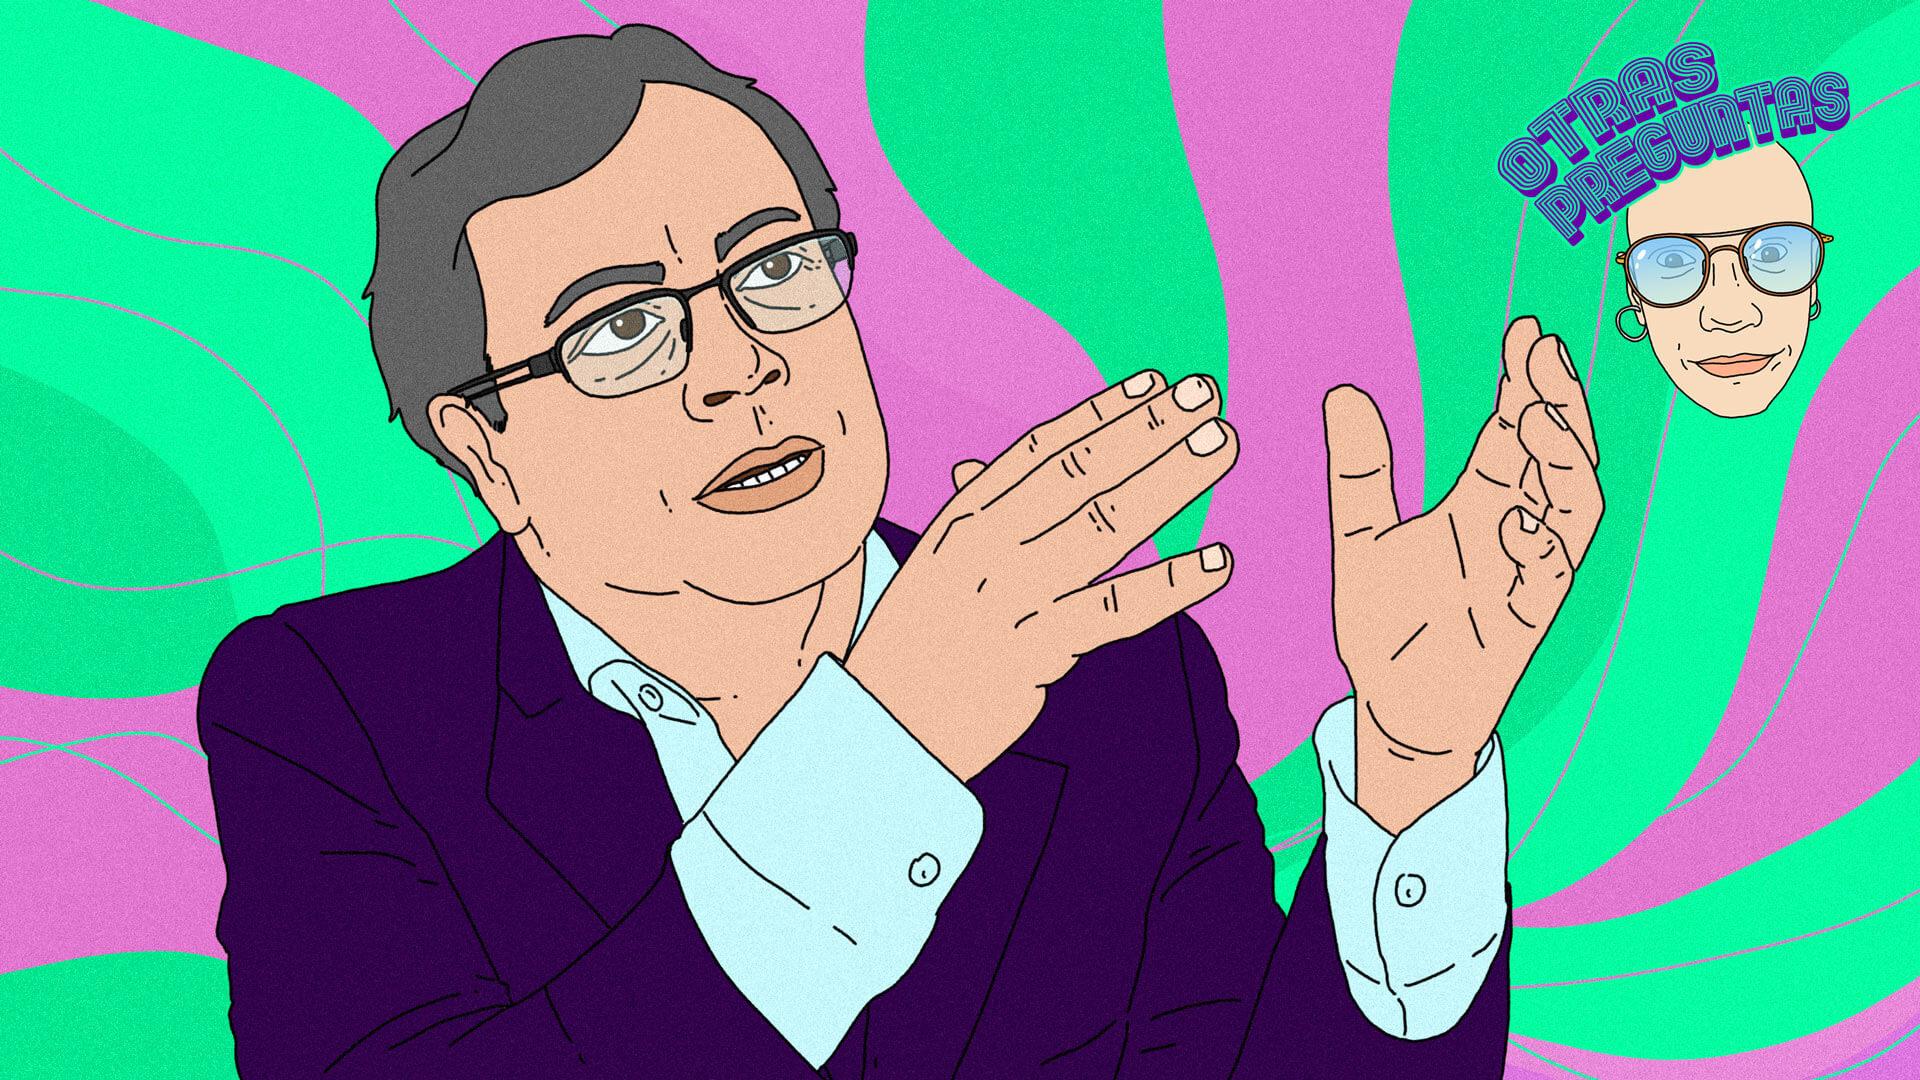 PACIFISTA! presenta: 'Otras preguntas' | El Calvo y Gustavo Petro